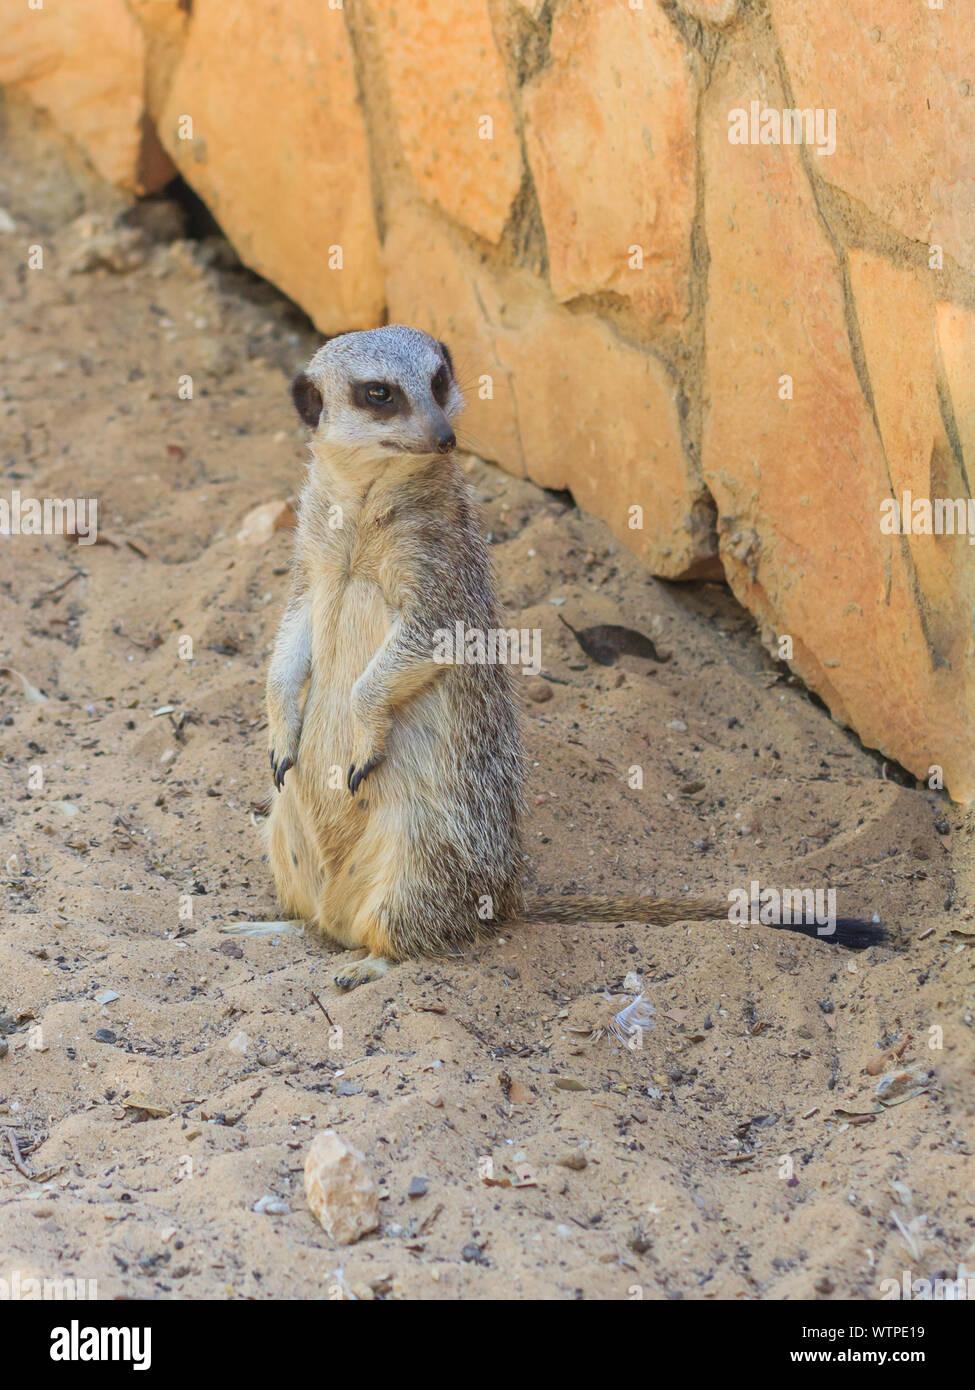 Meerkat Relaxing On Field Stock Photo